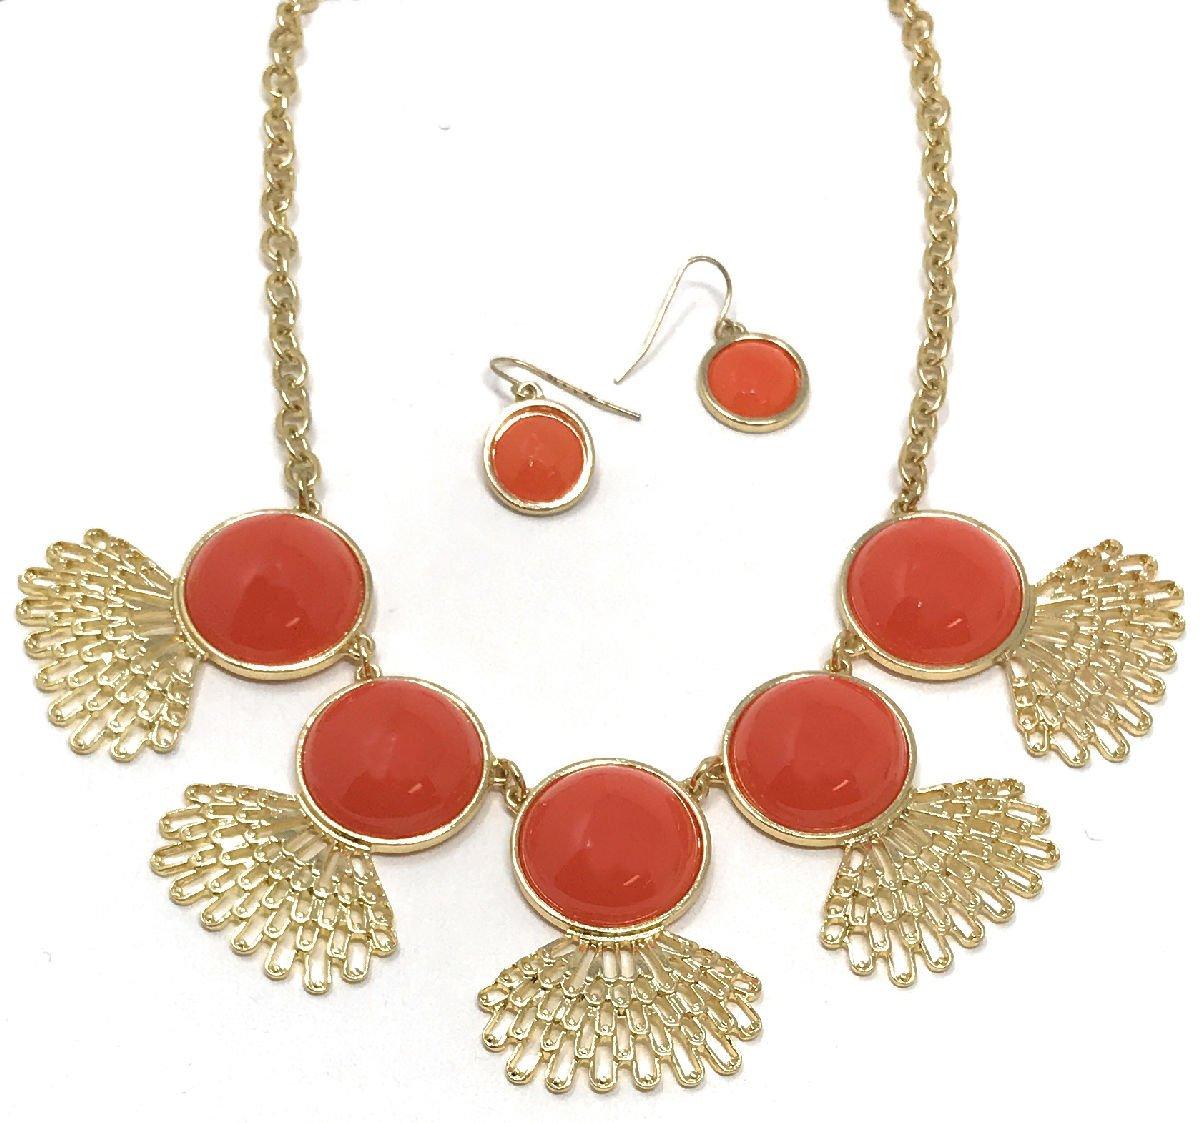 Women's Fashion Peacock Fan Bib Collar Statement Jewelry Earring Necklace Set